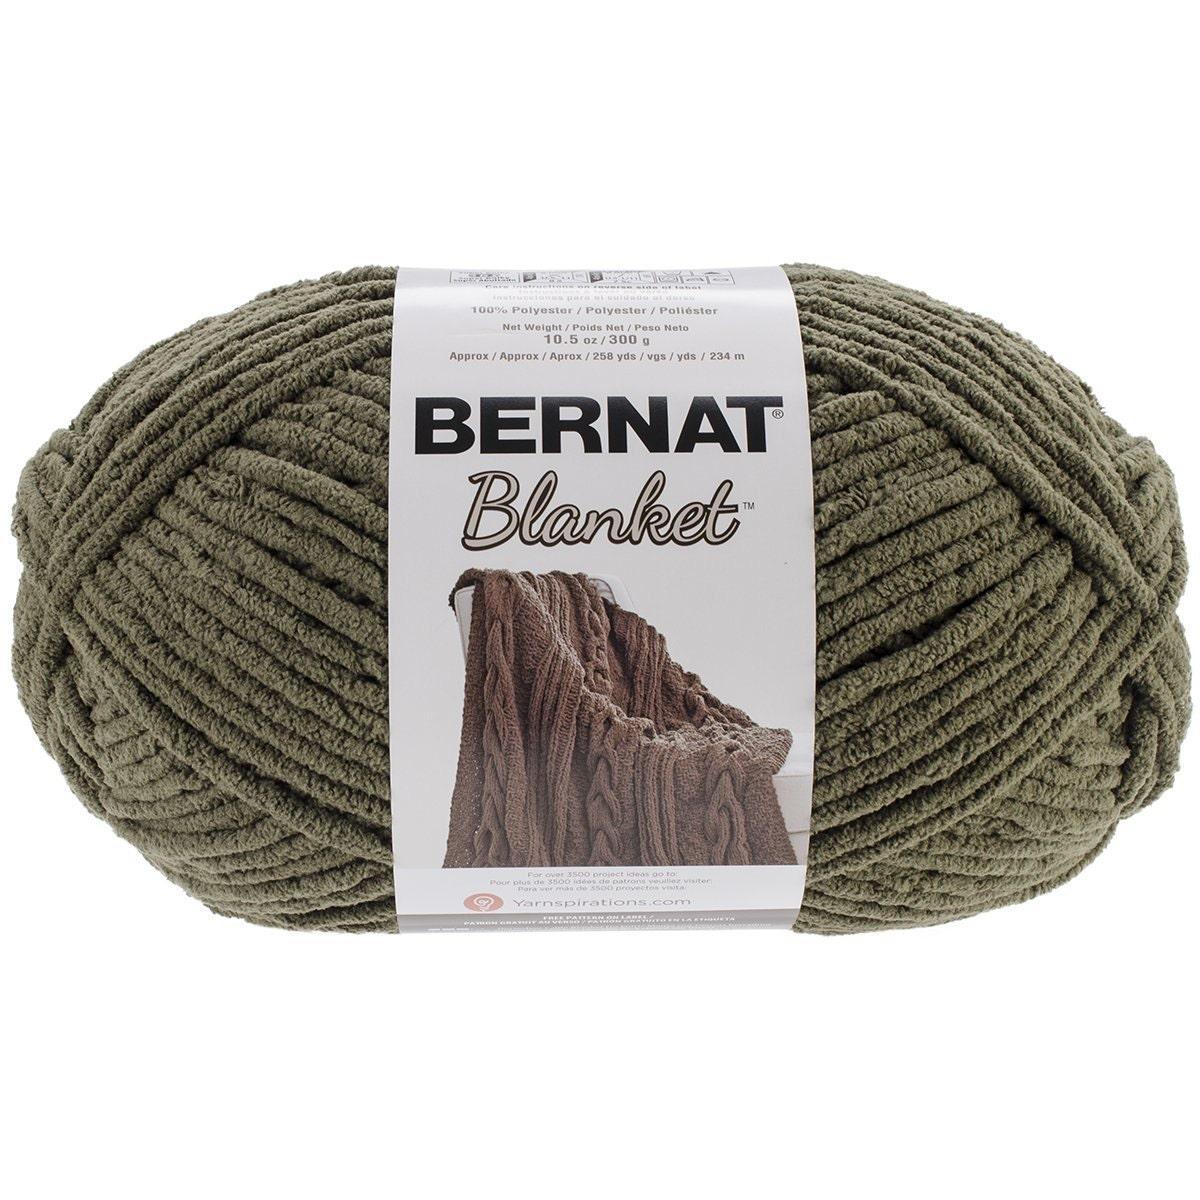 Bernat Big Blanket Yarn In Olive Large Skein 300 Grams New